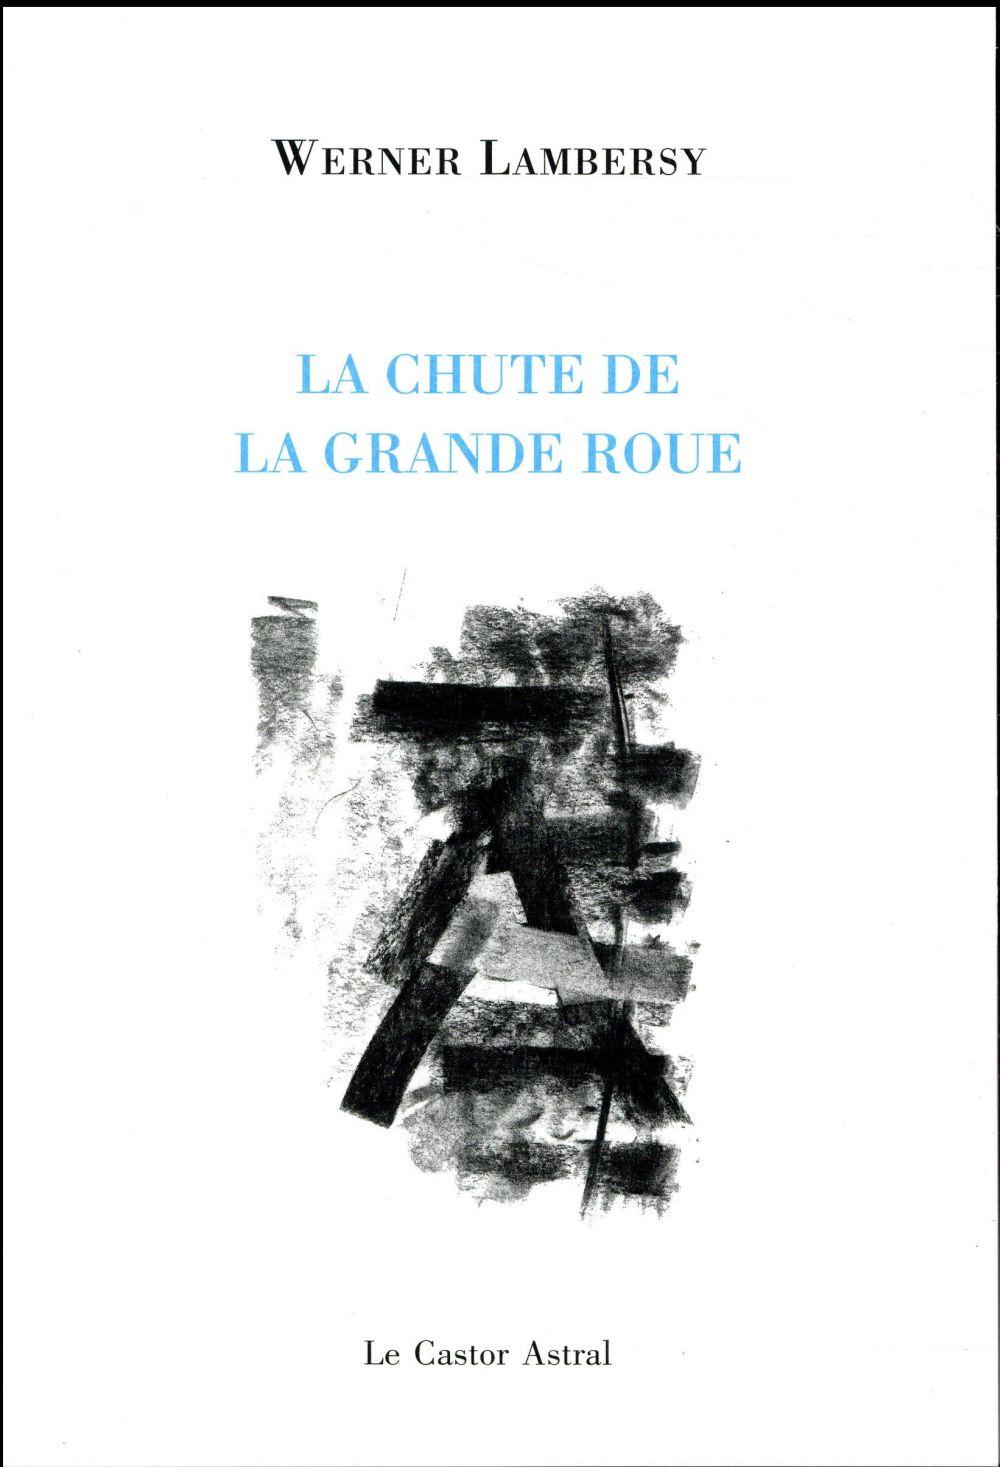 LA CHUTE DE LA GRANDE ROUE